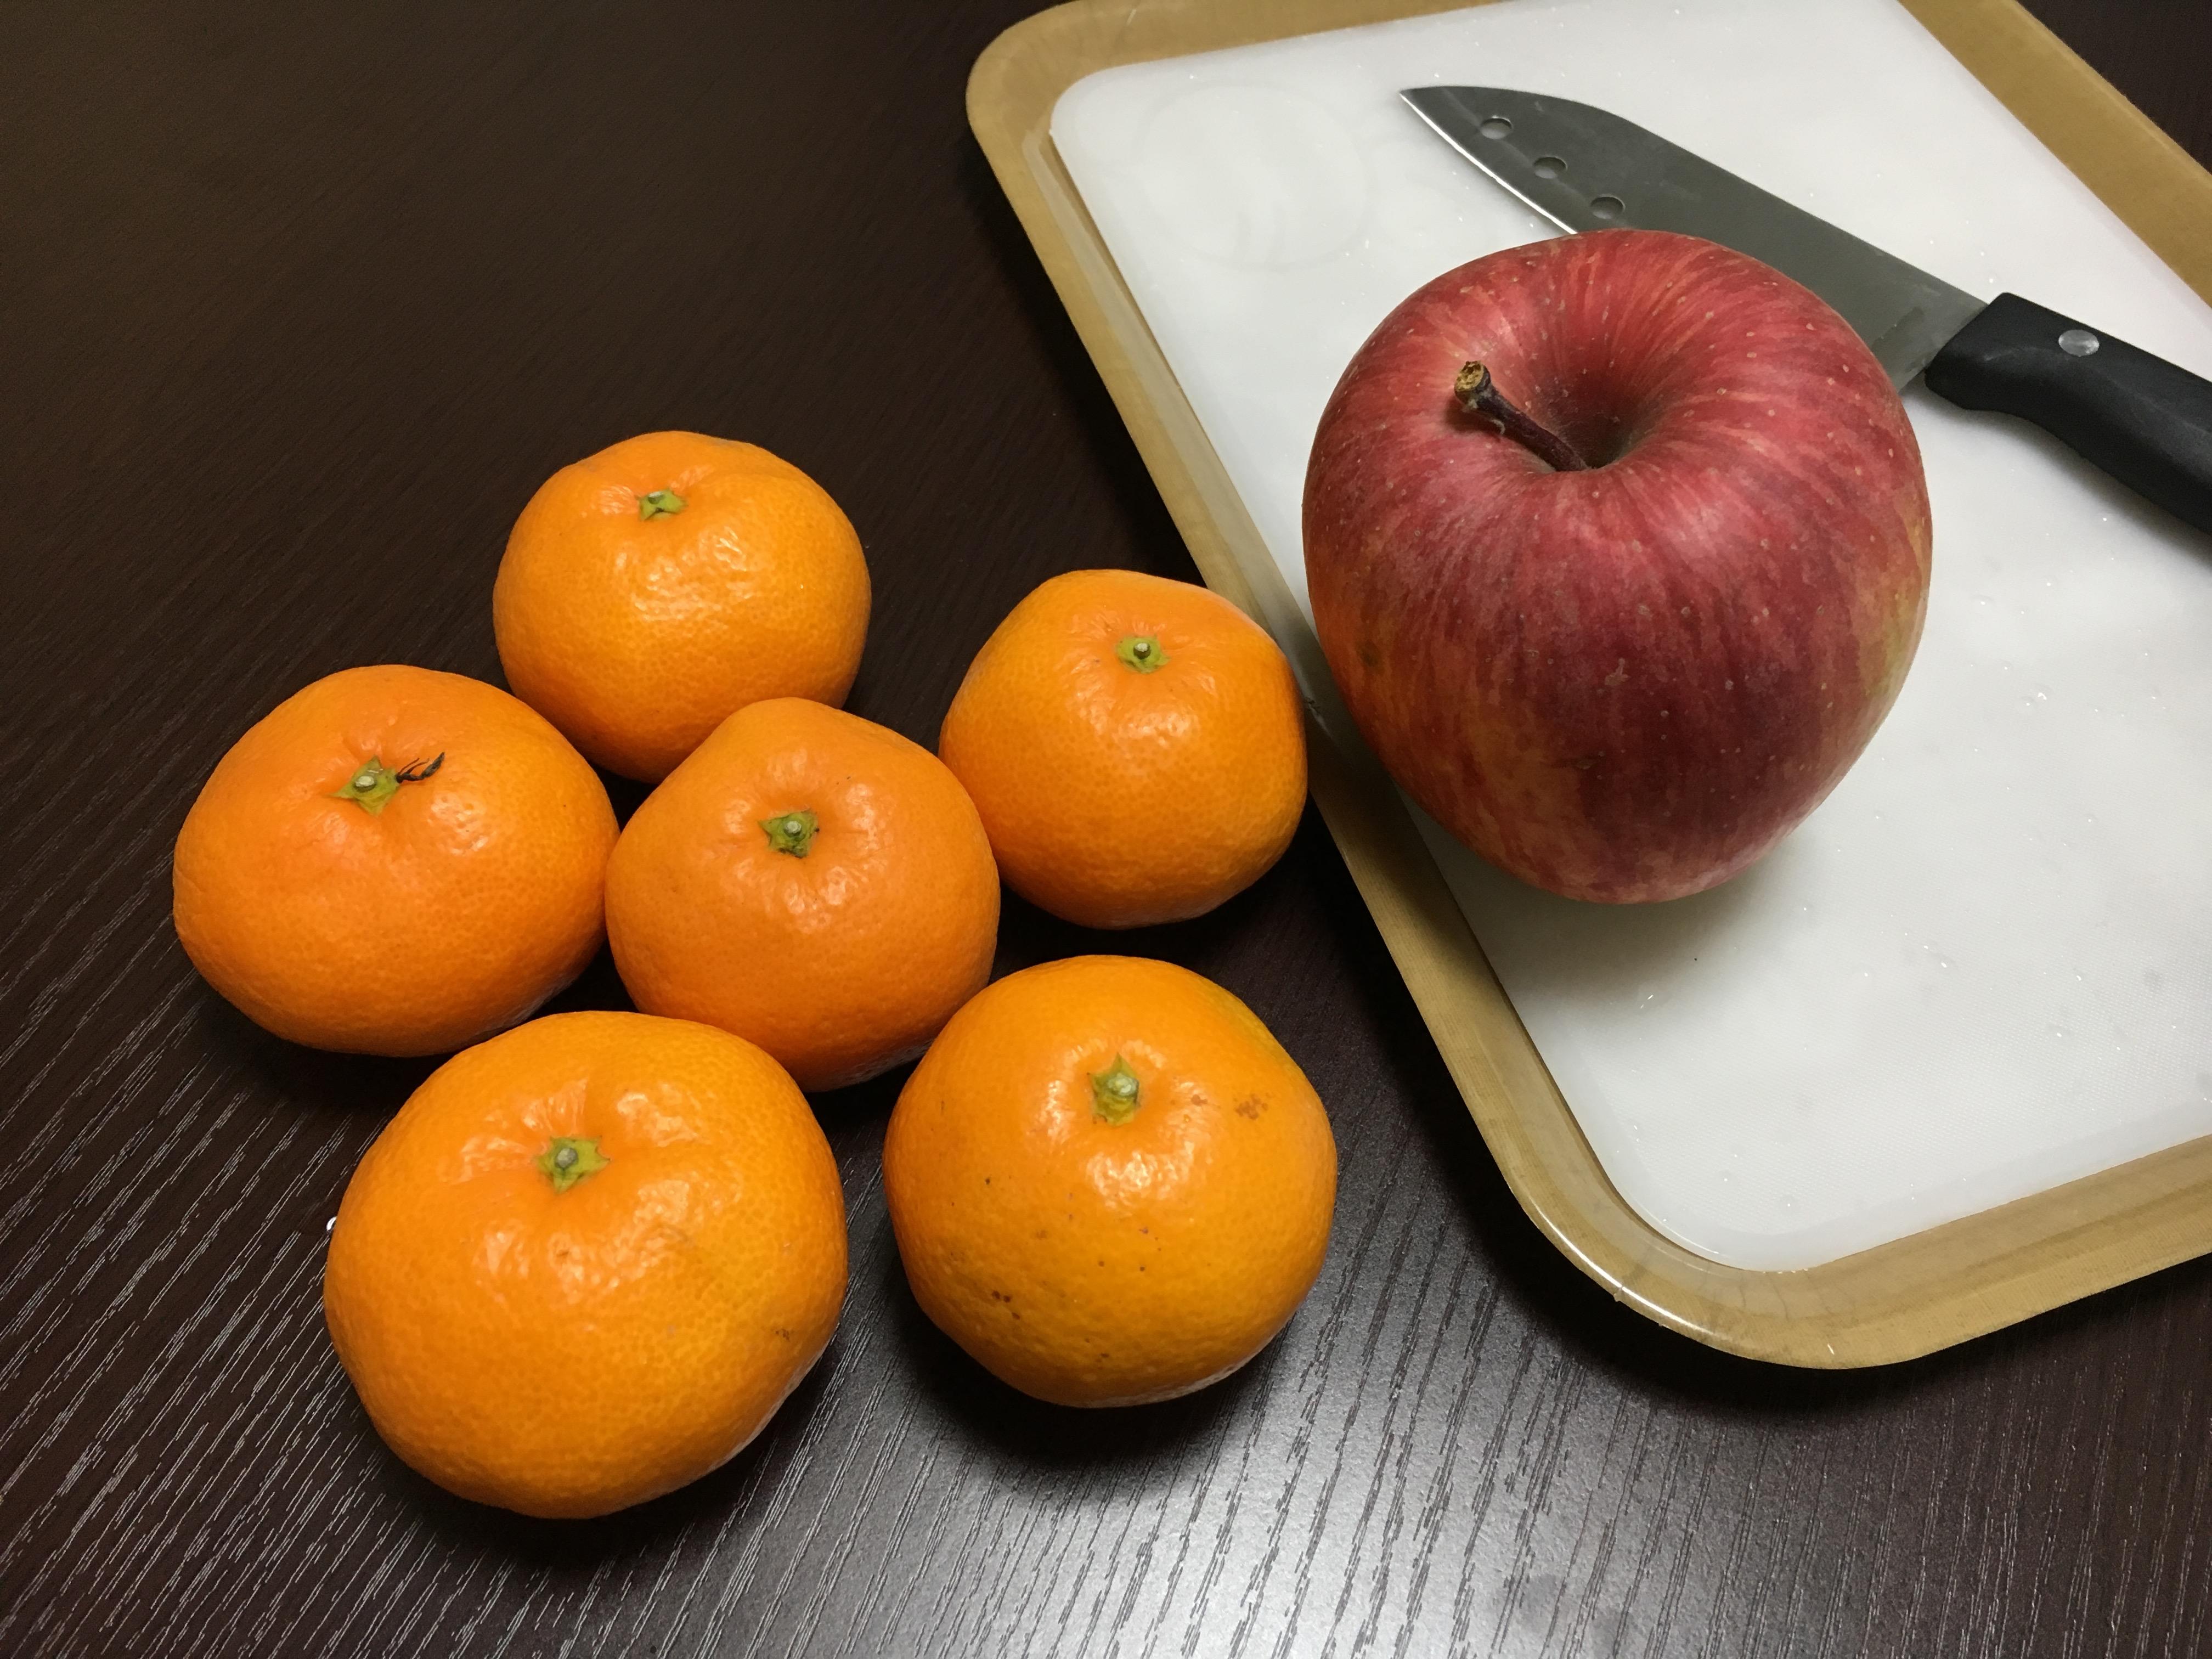 【3時のおやつ】みかん&りんご